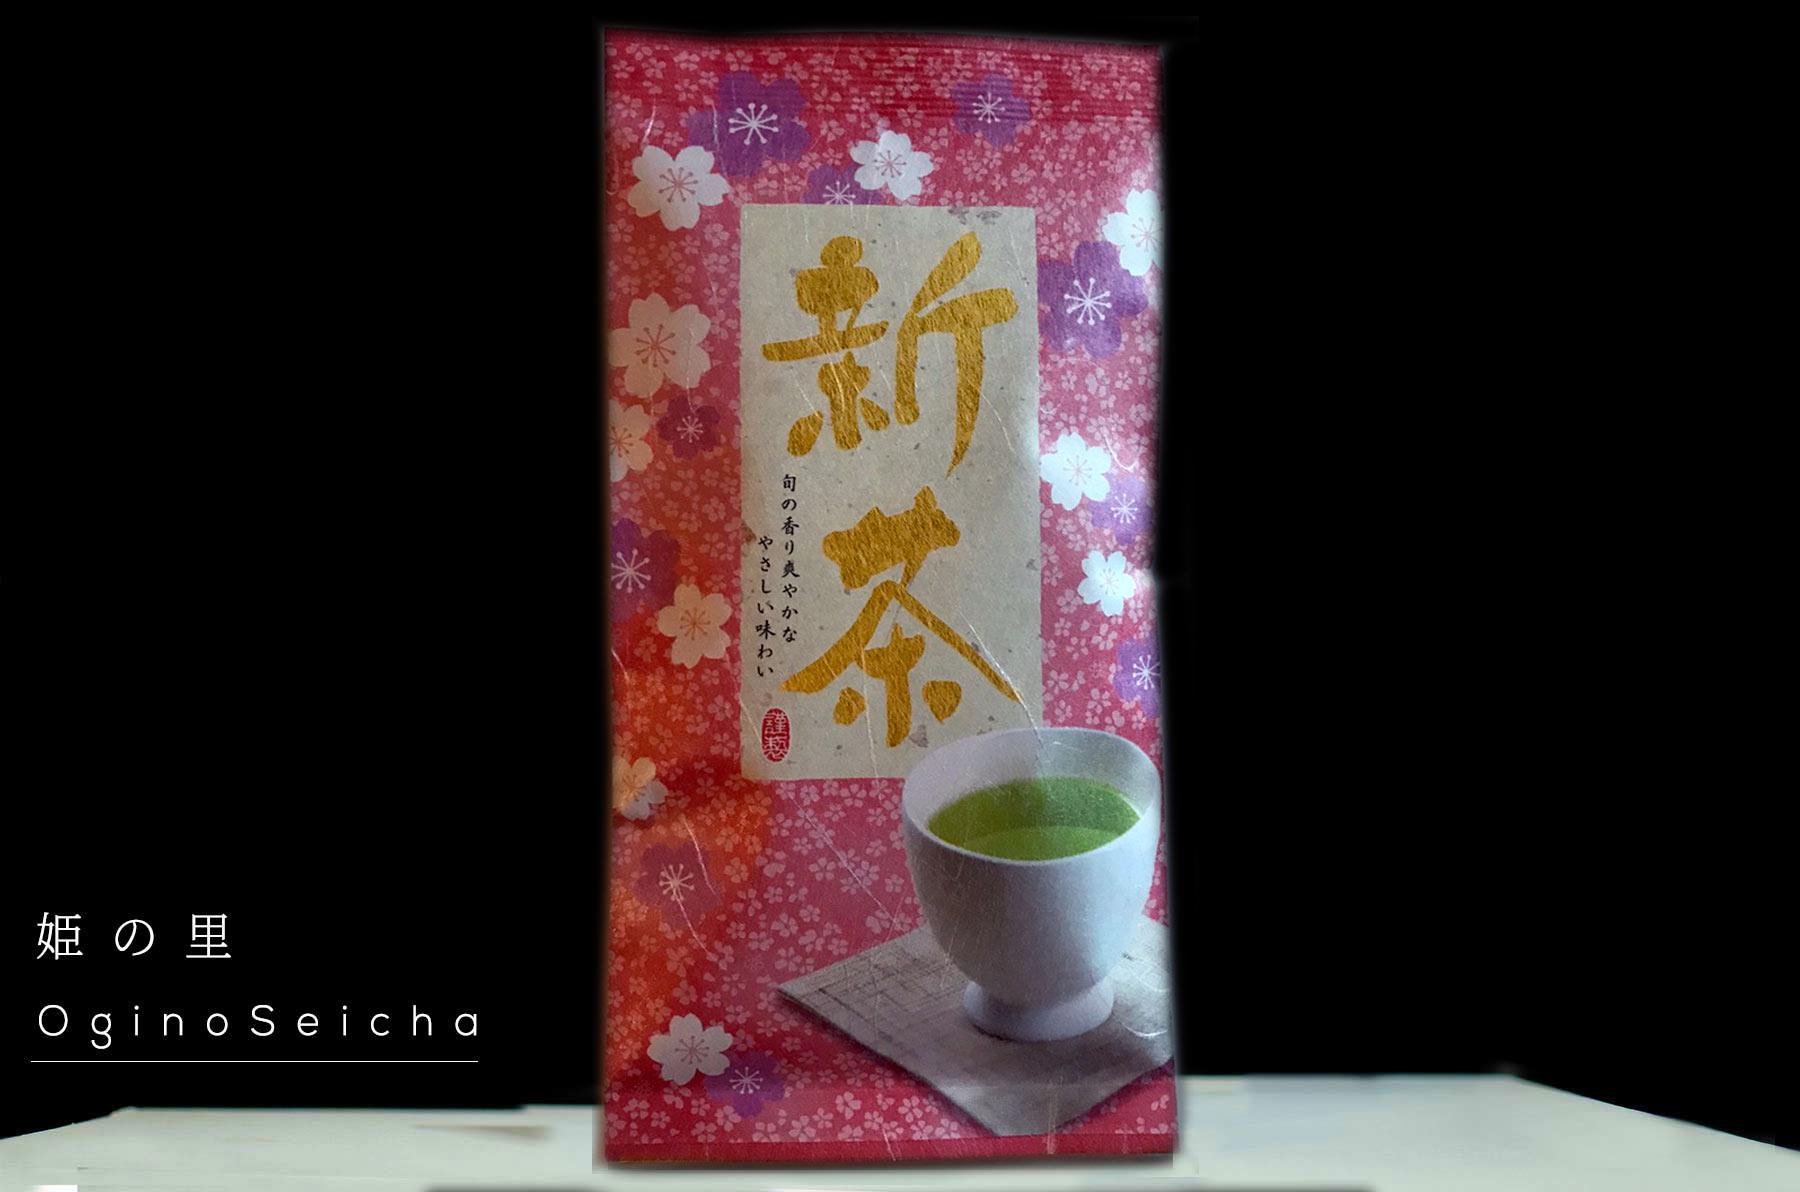 姫の里 煎茶(新茶) 初摘の旨み・風味・甘味